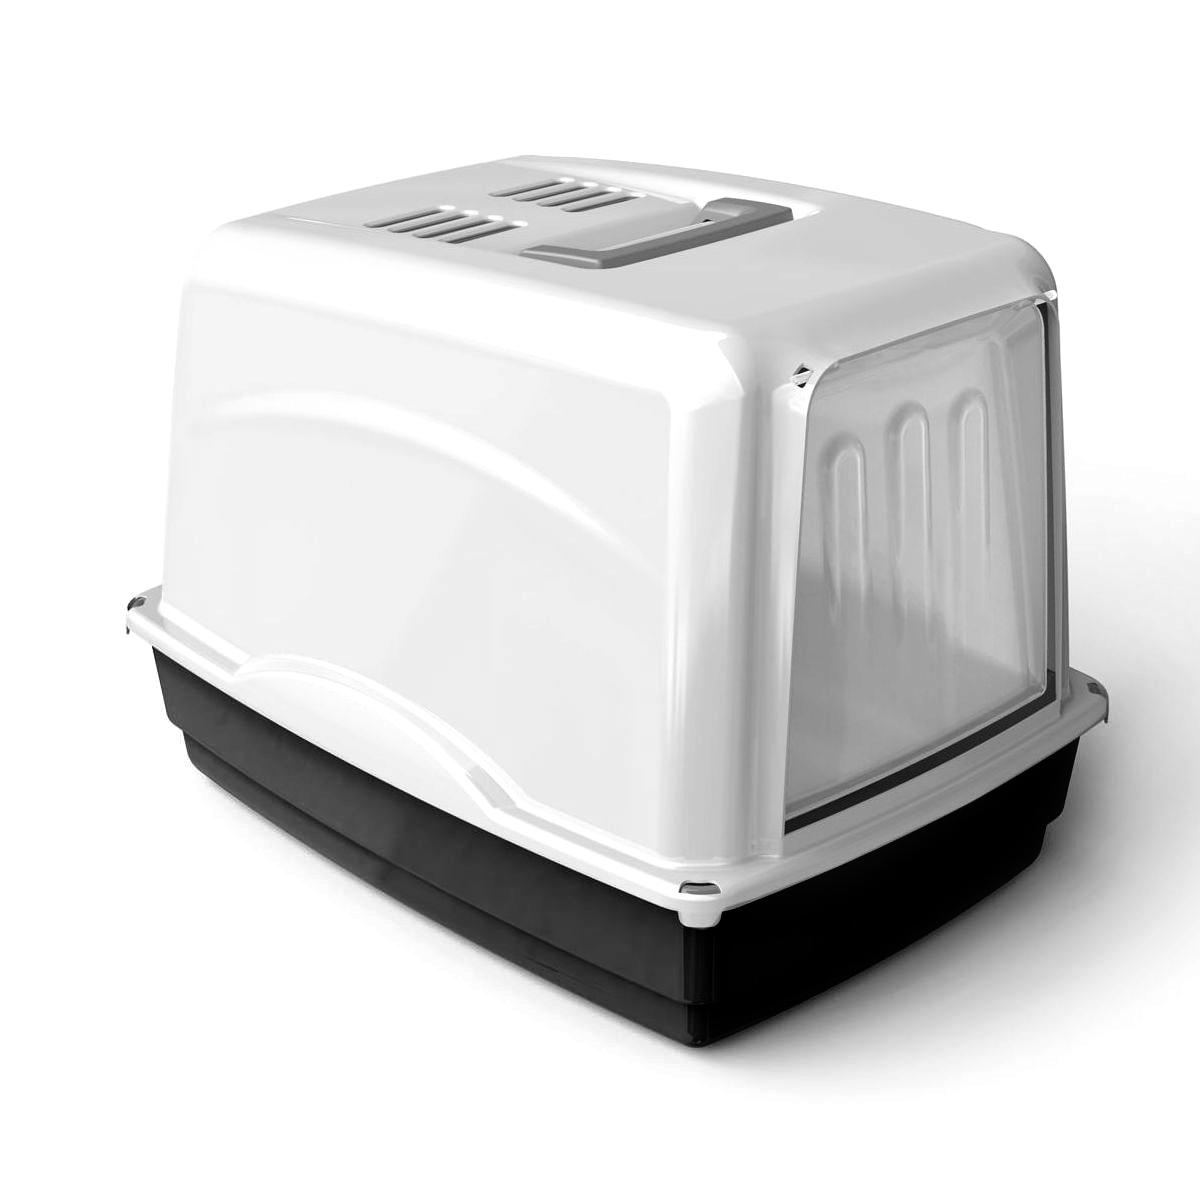 Krytá toaleta s filtrem Argi - černá - 54 x 39 x 39 cm